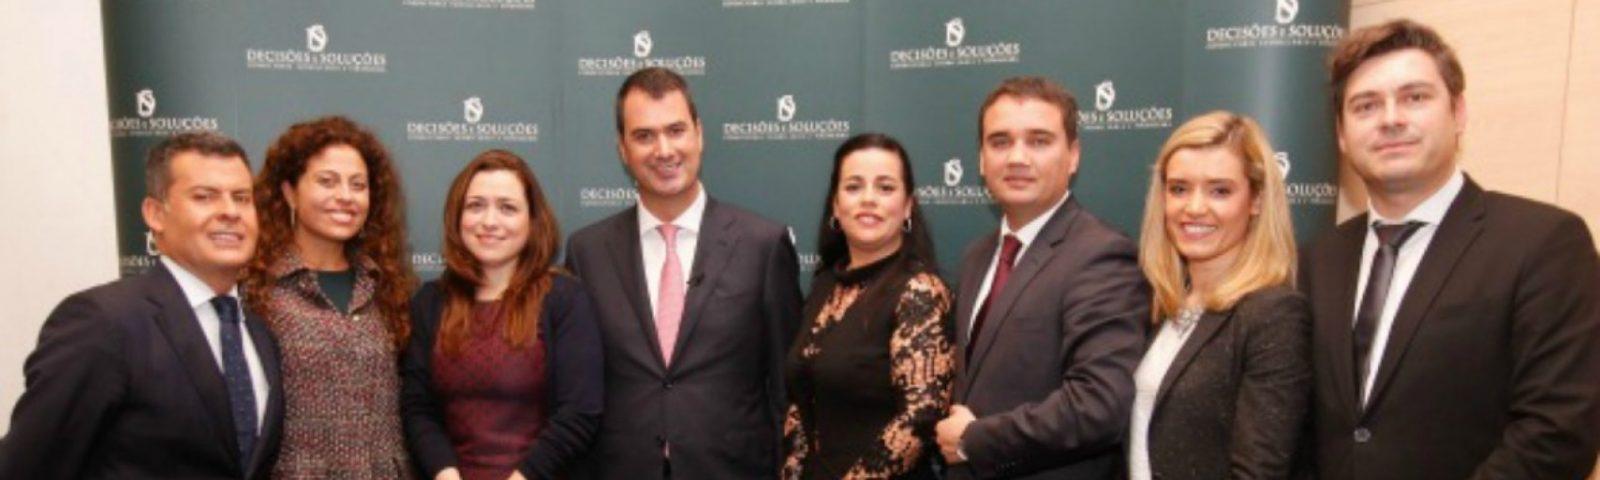 Empresa Decisões e Soluções reúne colaboradores em encontro nacional